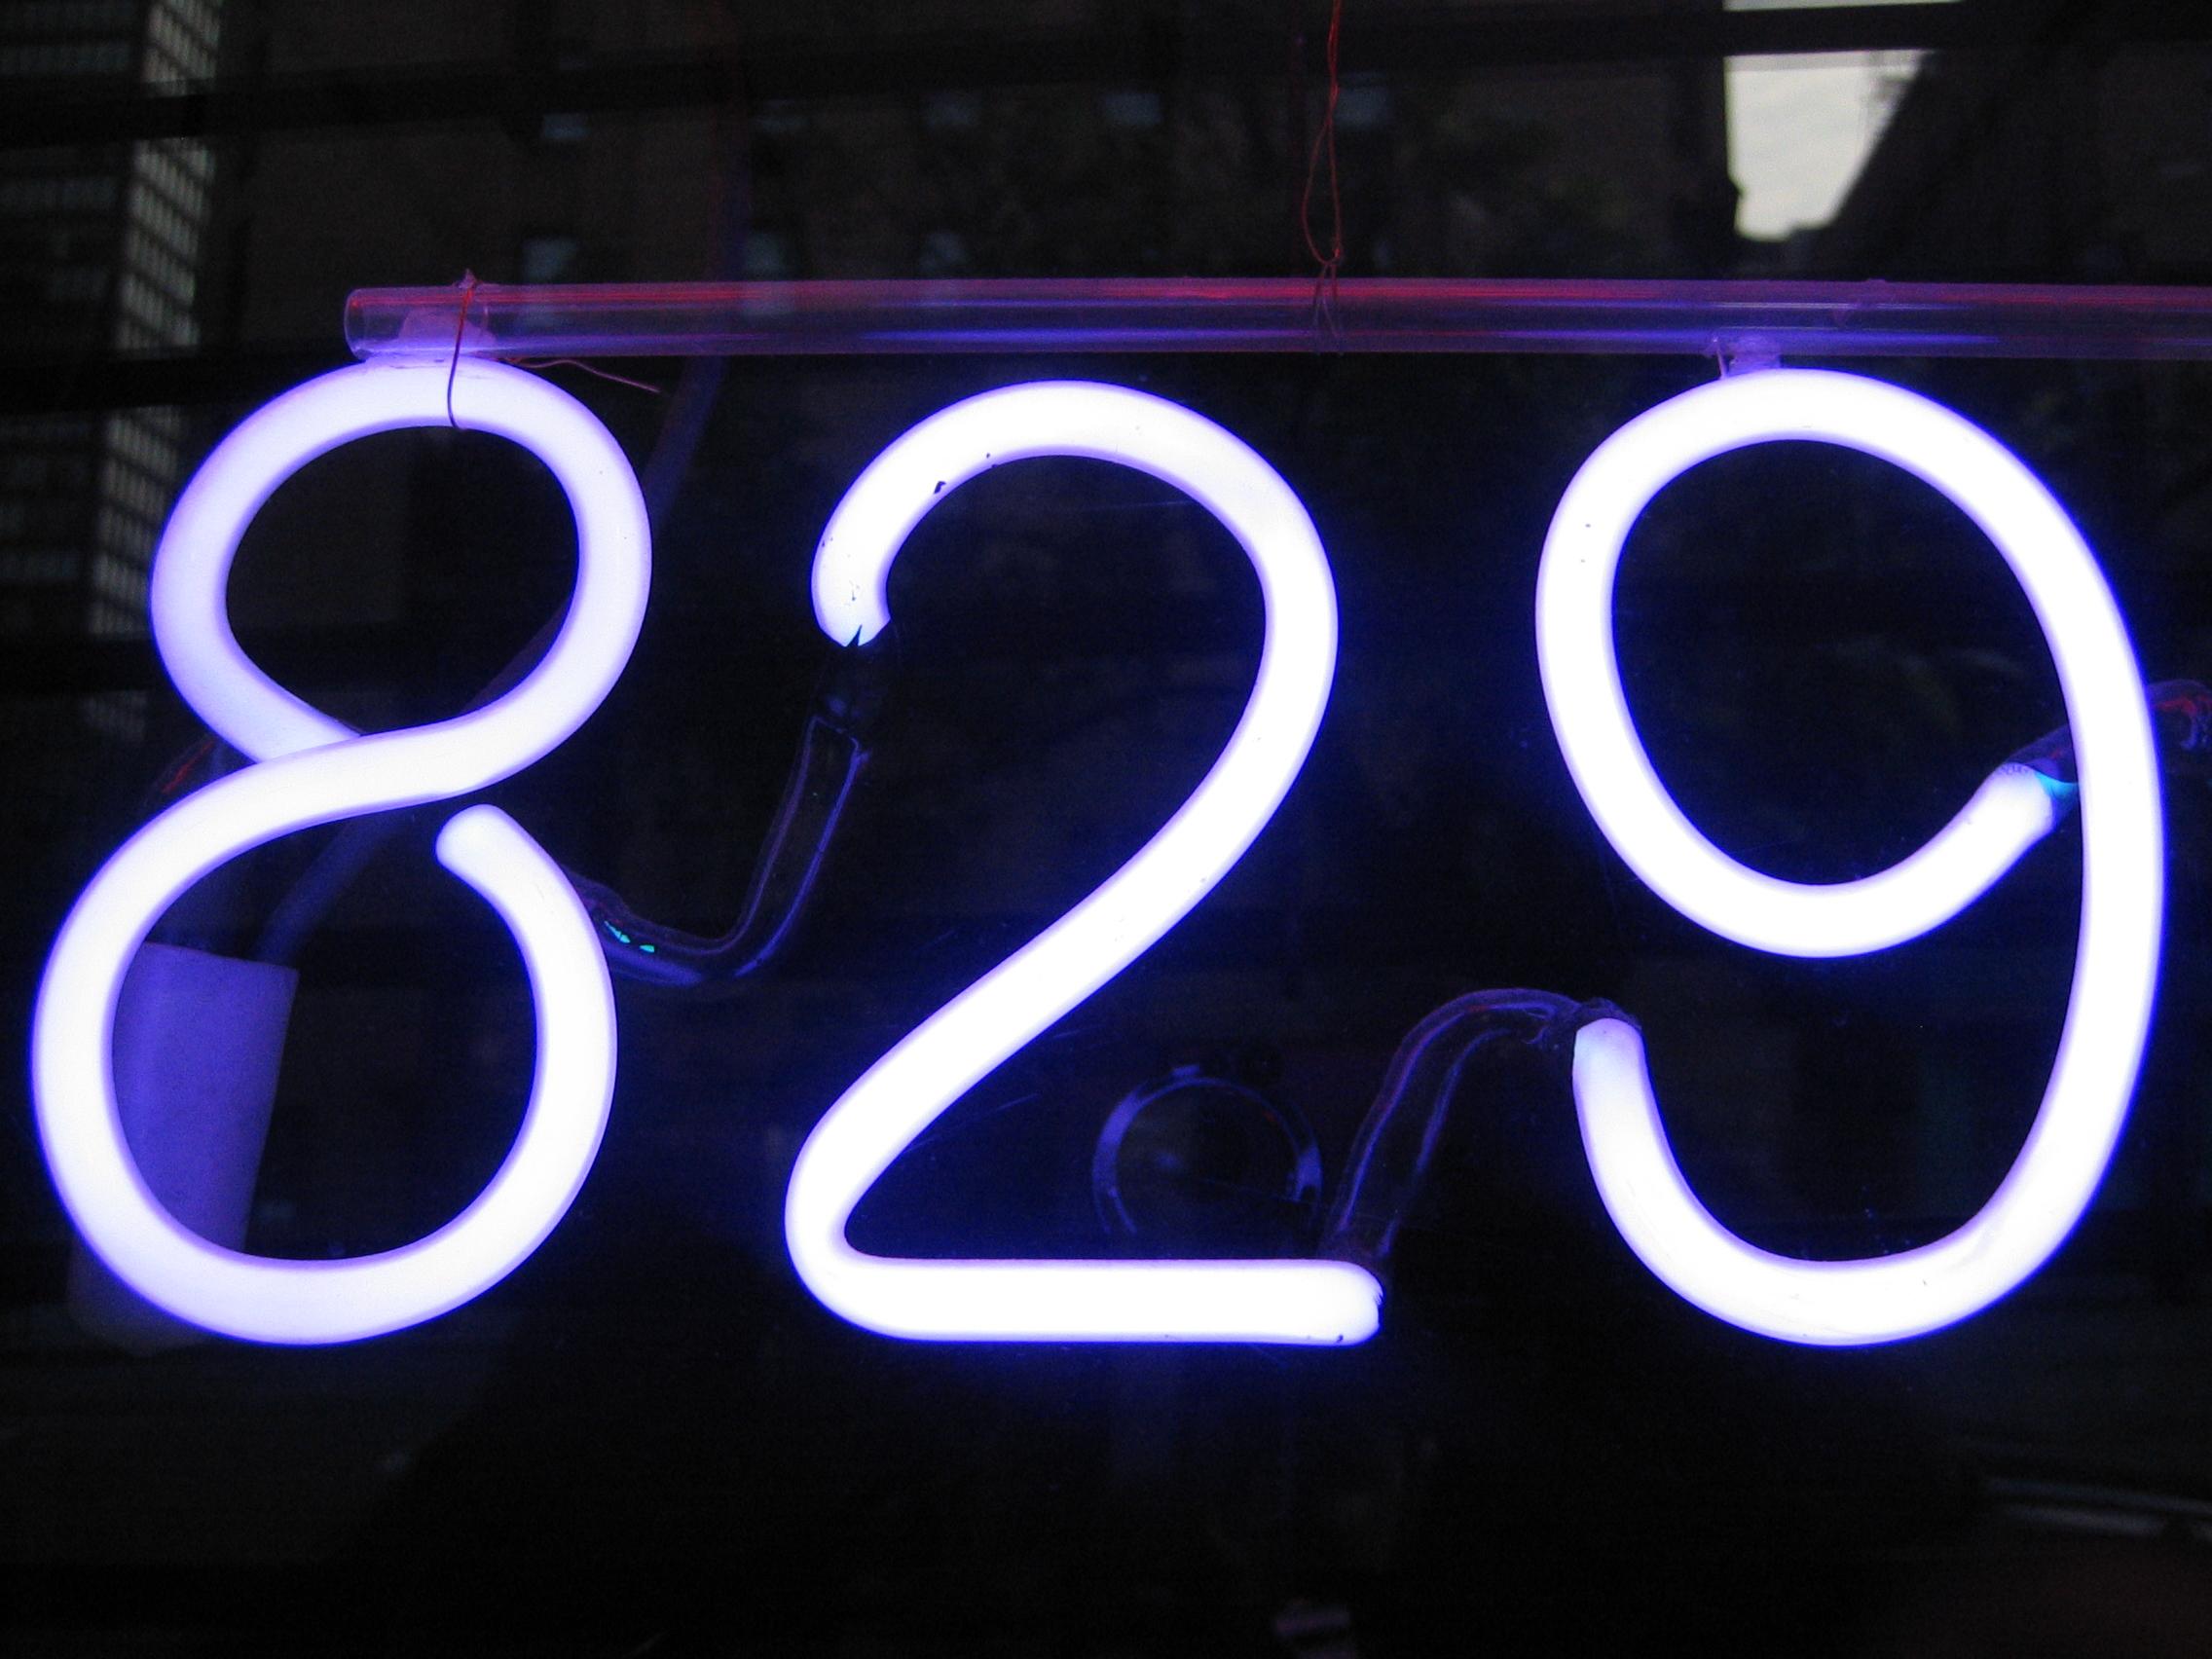 File:829.jpg